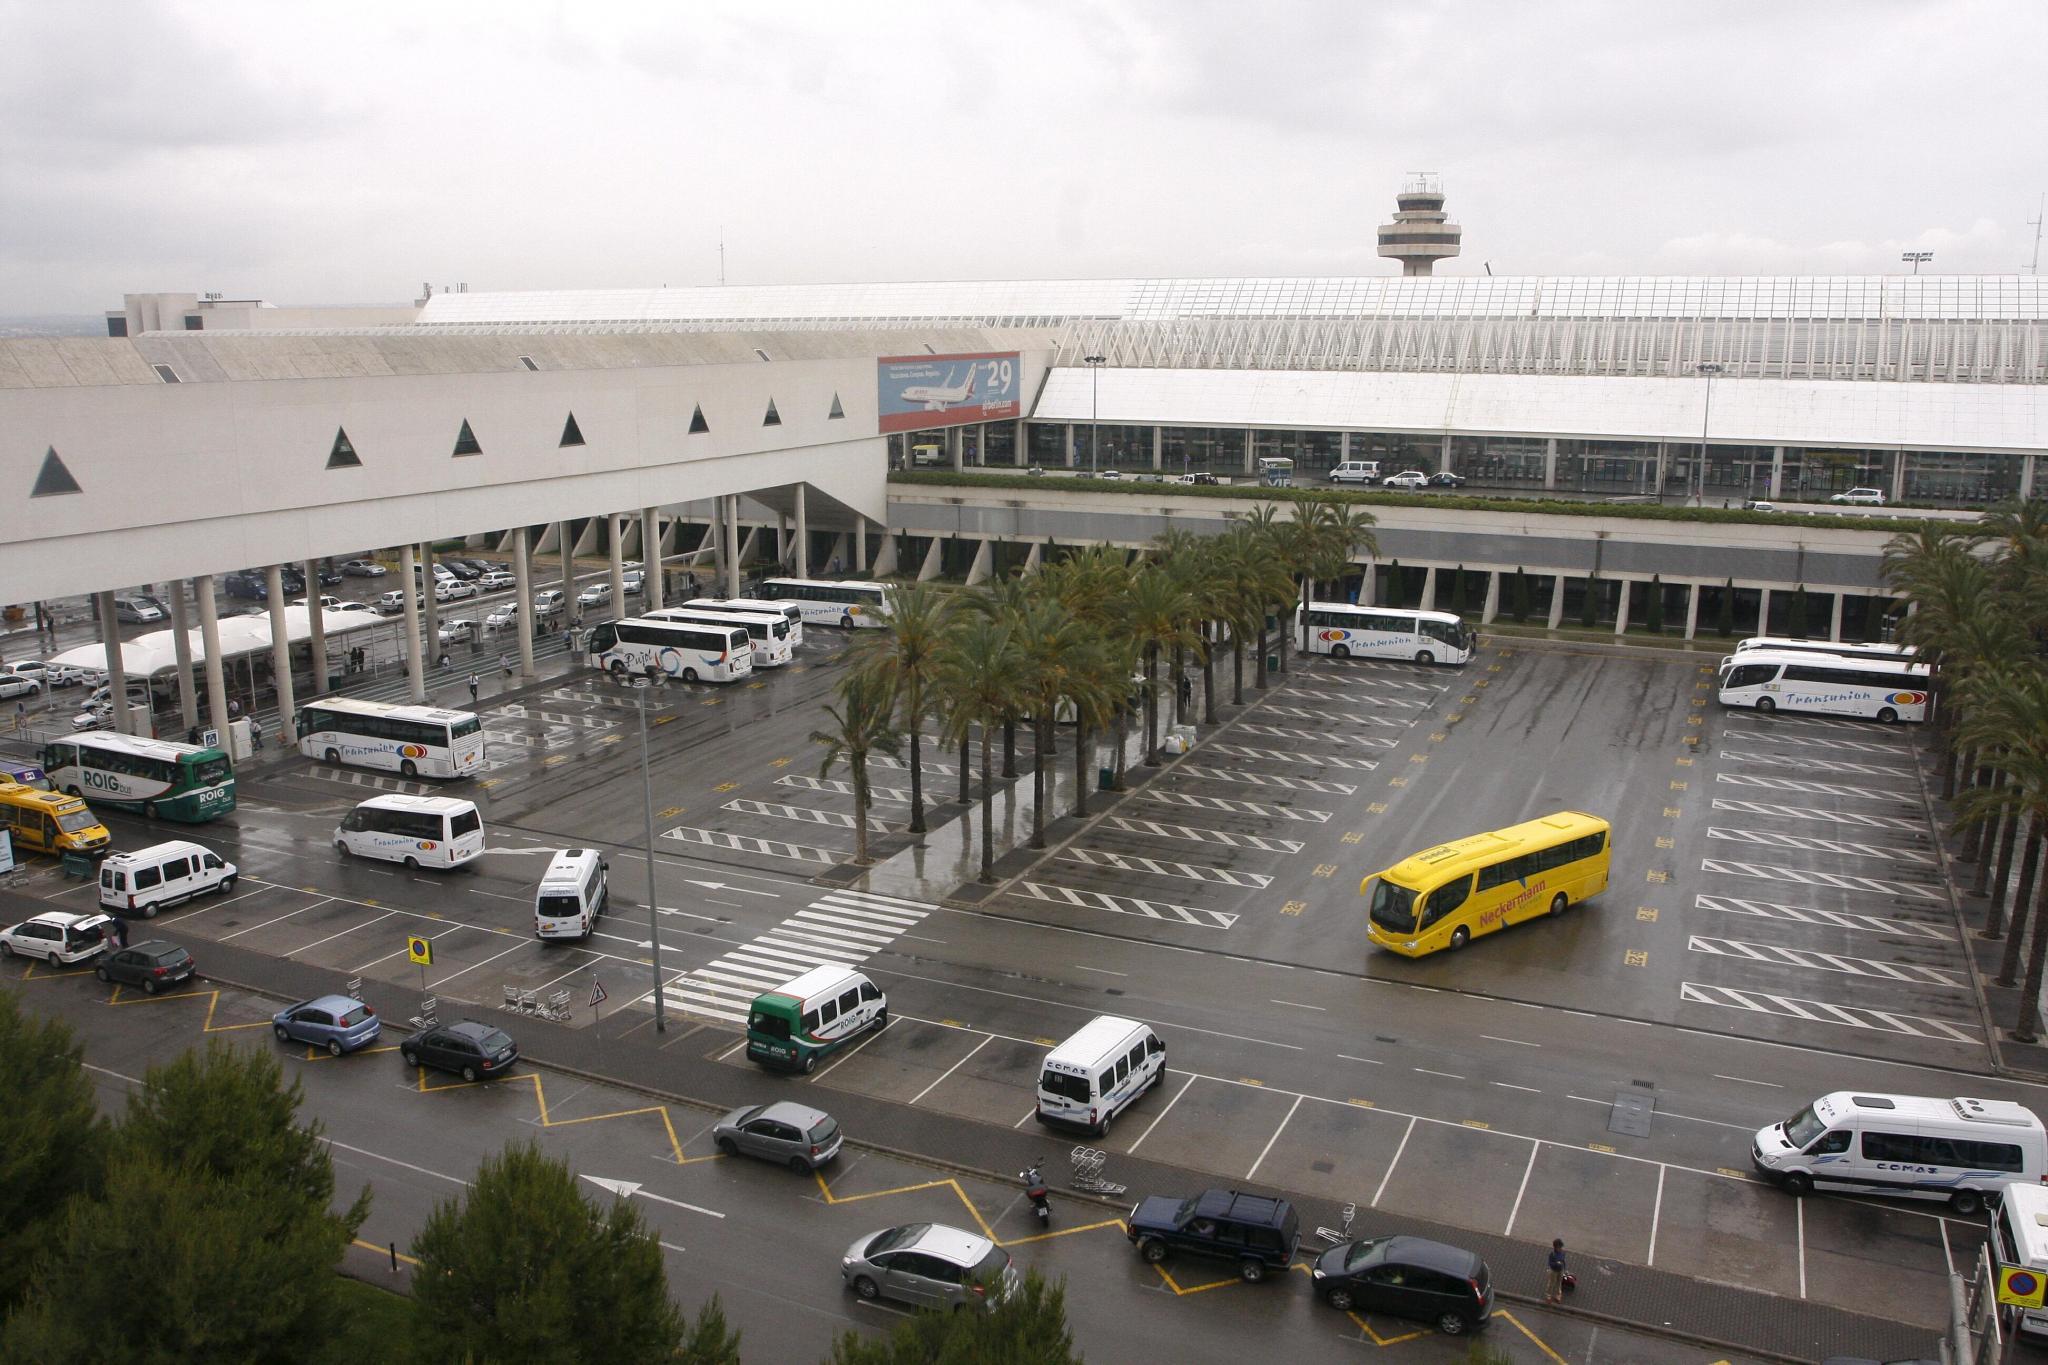 Aeropueto de Palma